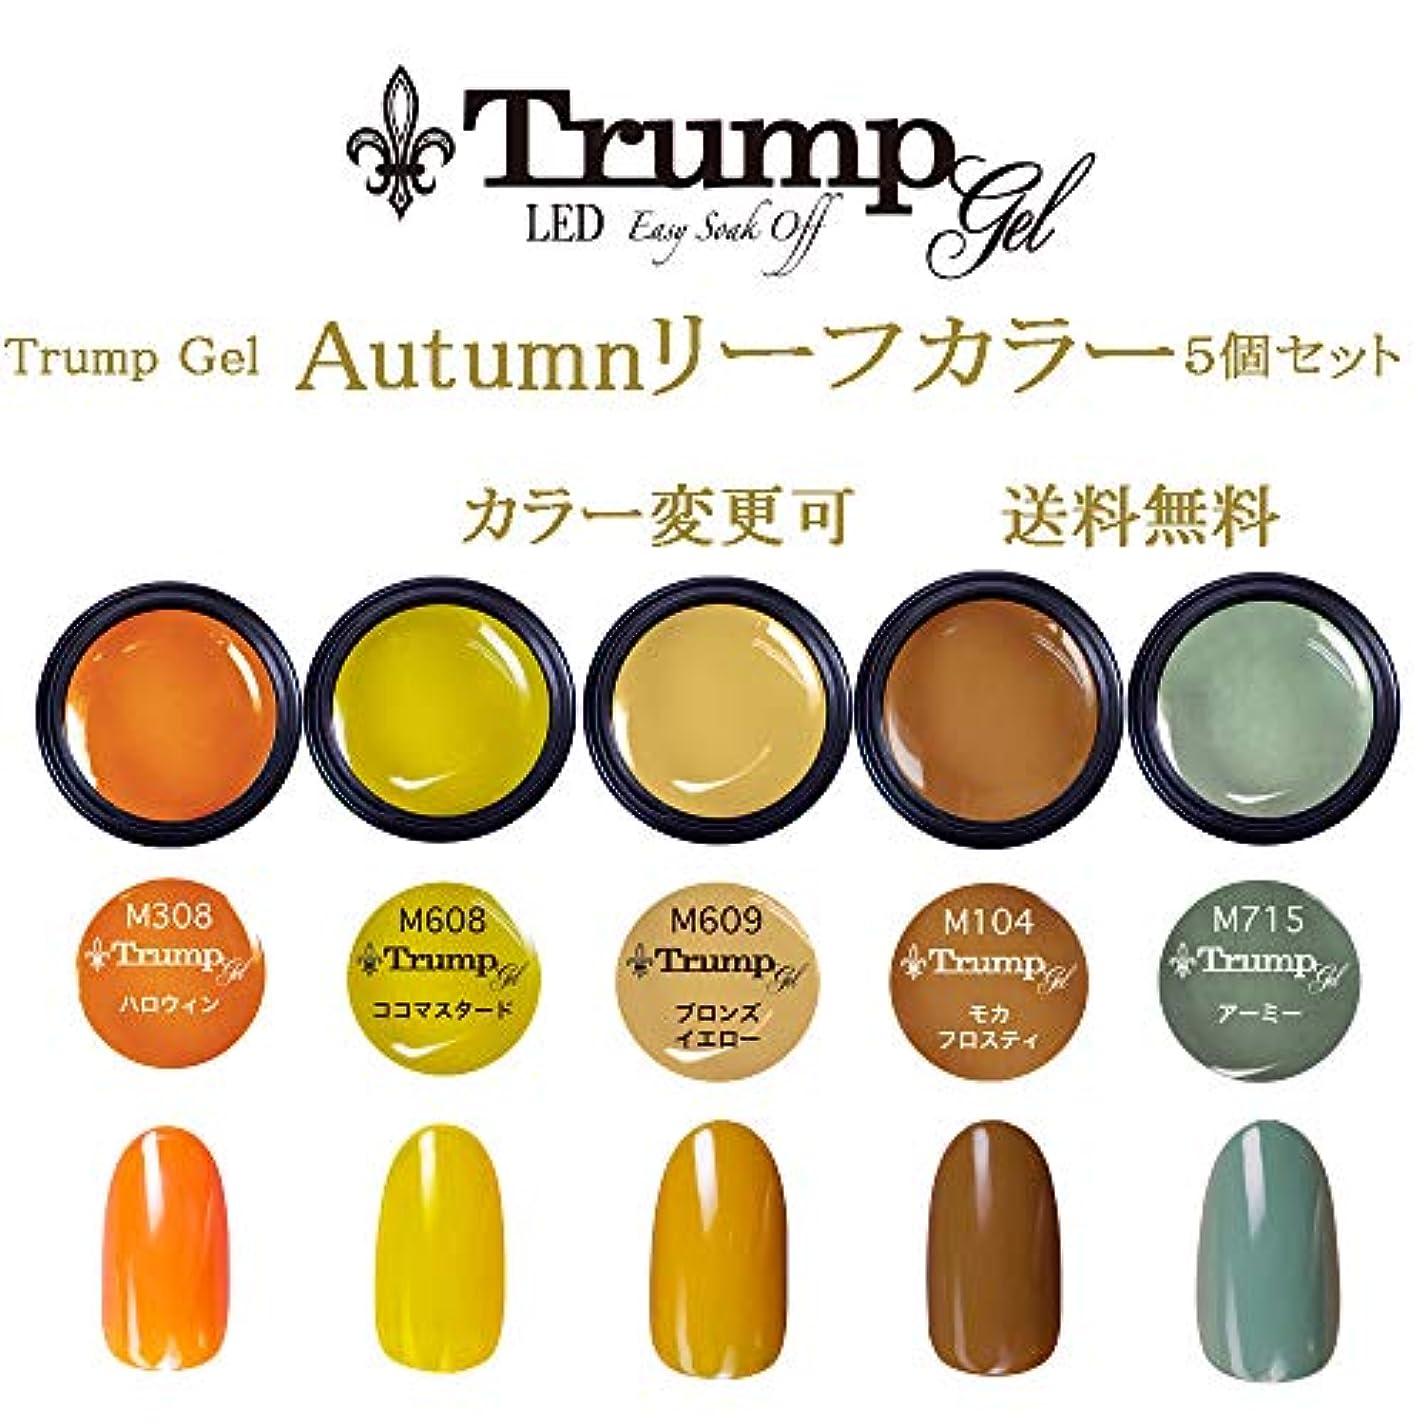 解決する居眠りするディベート【送料無料】日本製 Trump gel トランプジェル オータムリーフカラー 選べる カラージェル 5個セット オータムネイル ベージュ ブラウン マスタード カラー